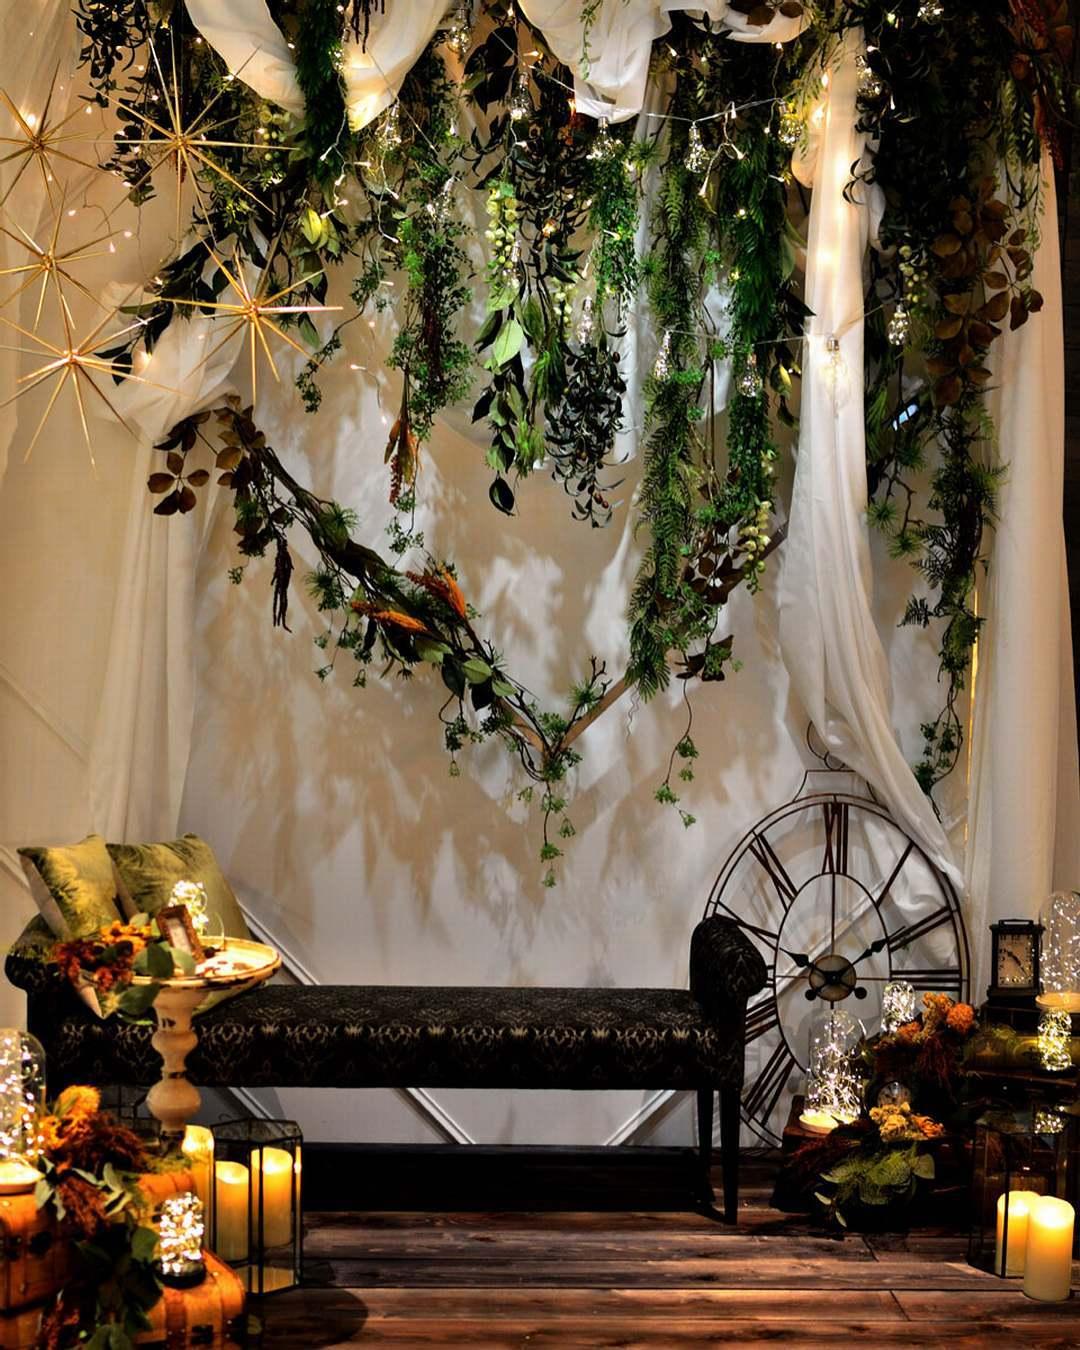 フォトブース作りましたー!.#ラブーシュカウエディング#コンセプトウエディング#プレ花嫁#wedding#weddingdress#bride#結婚式#オリジナルウエディング#会場装飾#手作りアイテム#ウェディング#結婚式準備#花嫁#和婚 #ウエディングドレス#ウェディングドレス#軽井沢 #群馬 #日本中のプレ花嫁さんと繋がりたい#日本中の卒花嫁さんと繋がりたい#ゼクシィ#loveshka #loveshka_wedding